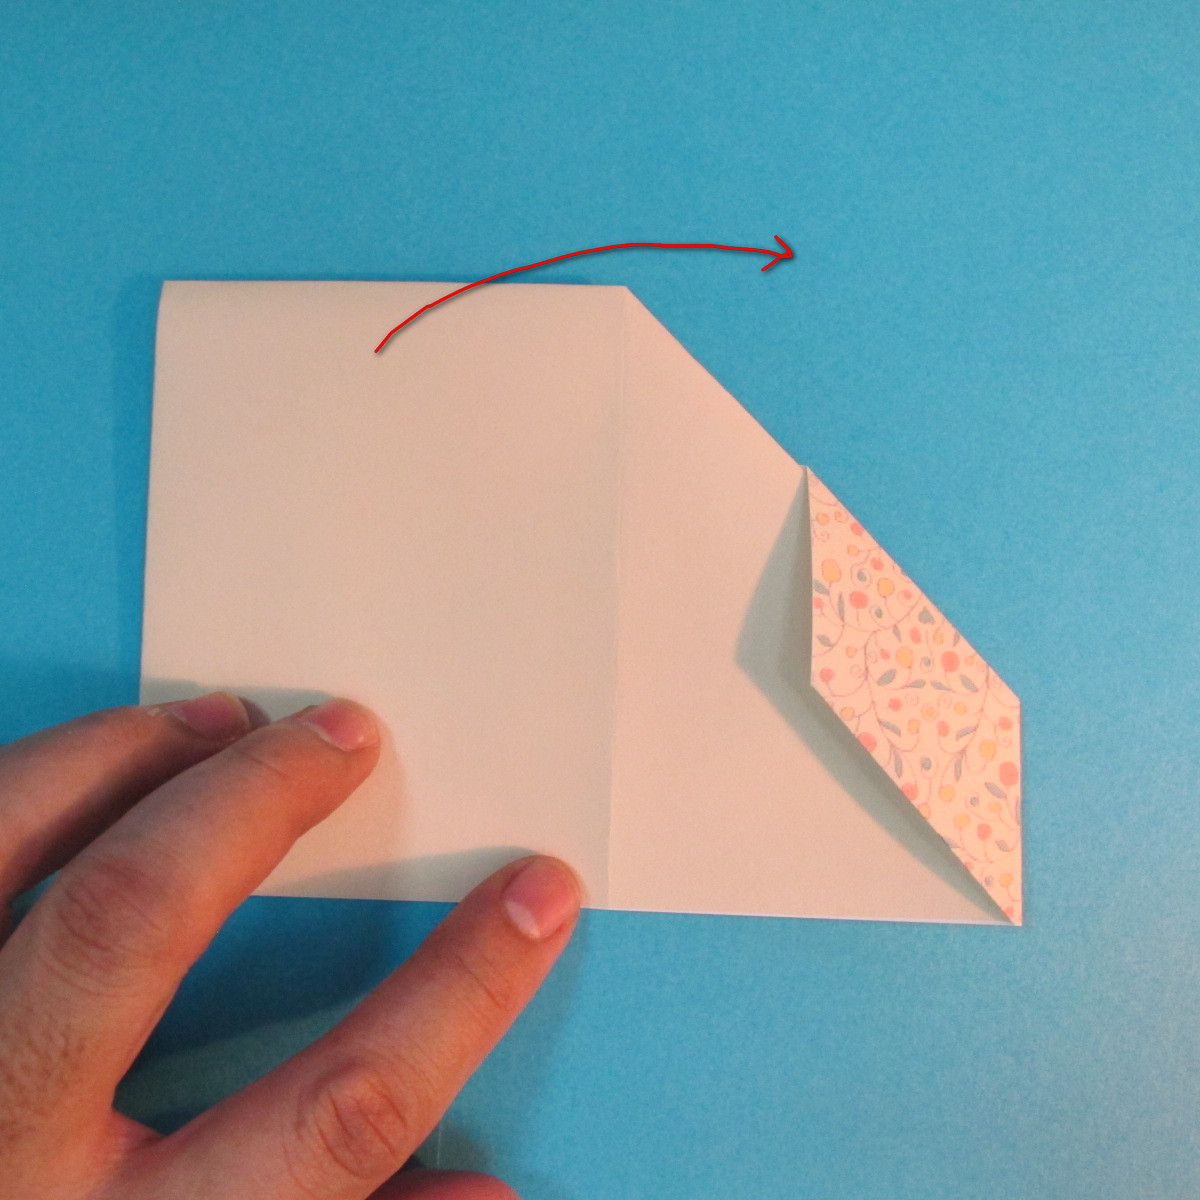 วิธีพับกระดาษเป็นผีเสื้อหางแฉก 020